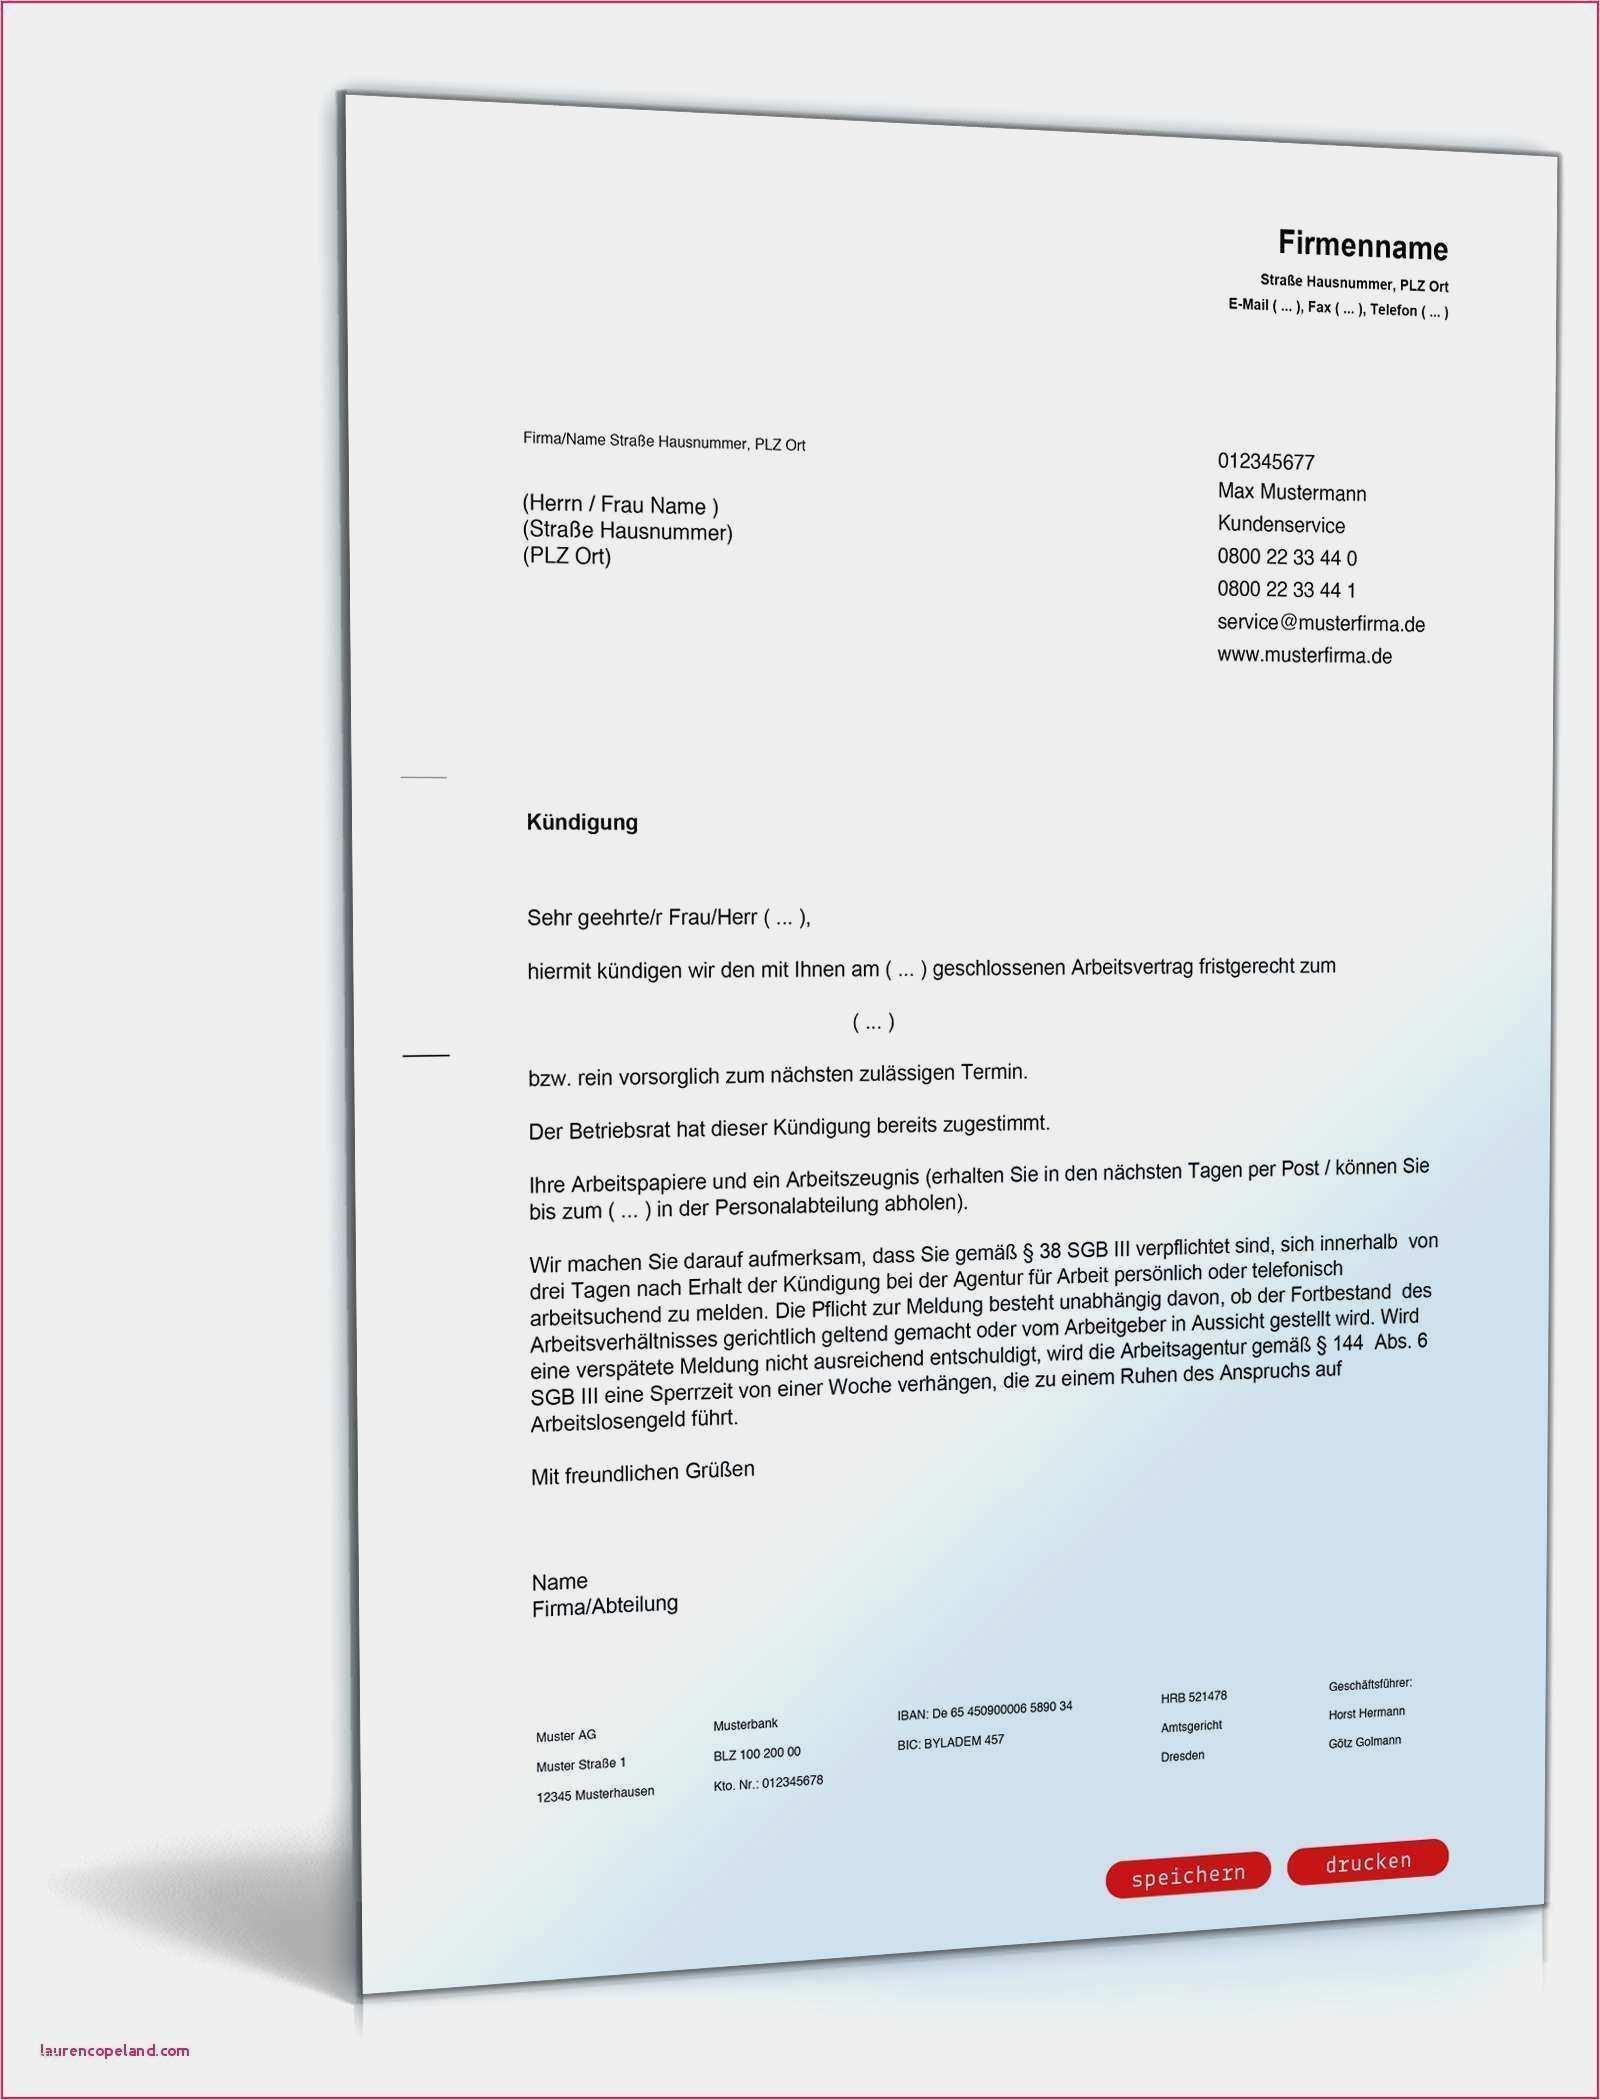 29 Einzigartig Vorlage Abrechnung Minijob Modelle Vorlagen Briefvorlagen Stundenplan Vorlage Grundschule